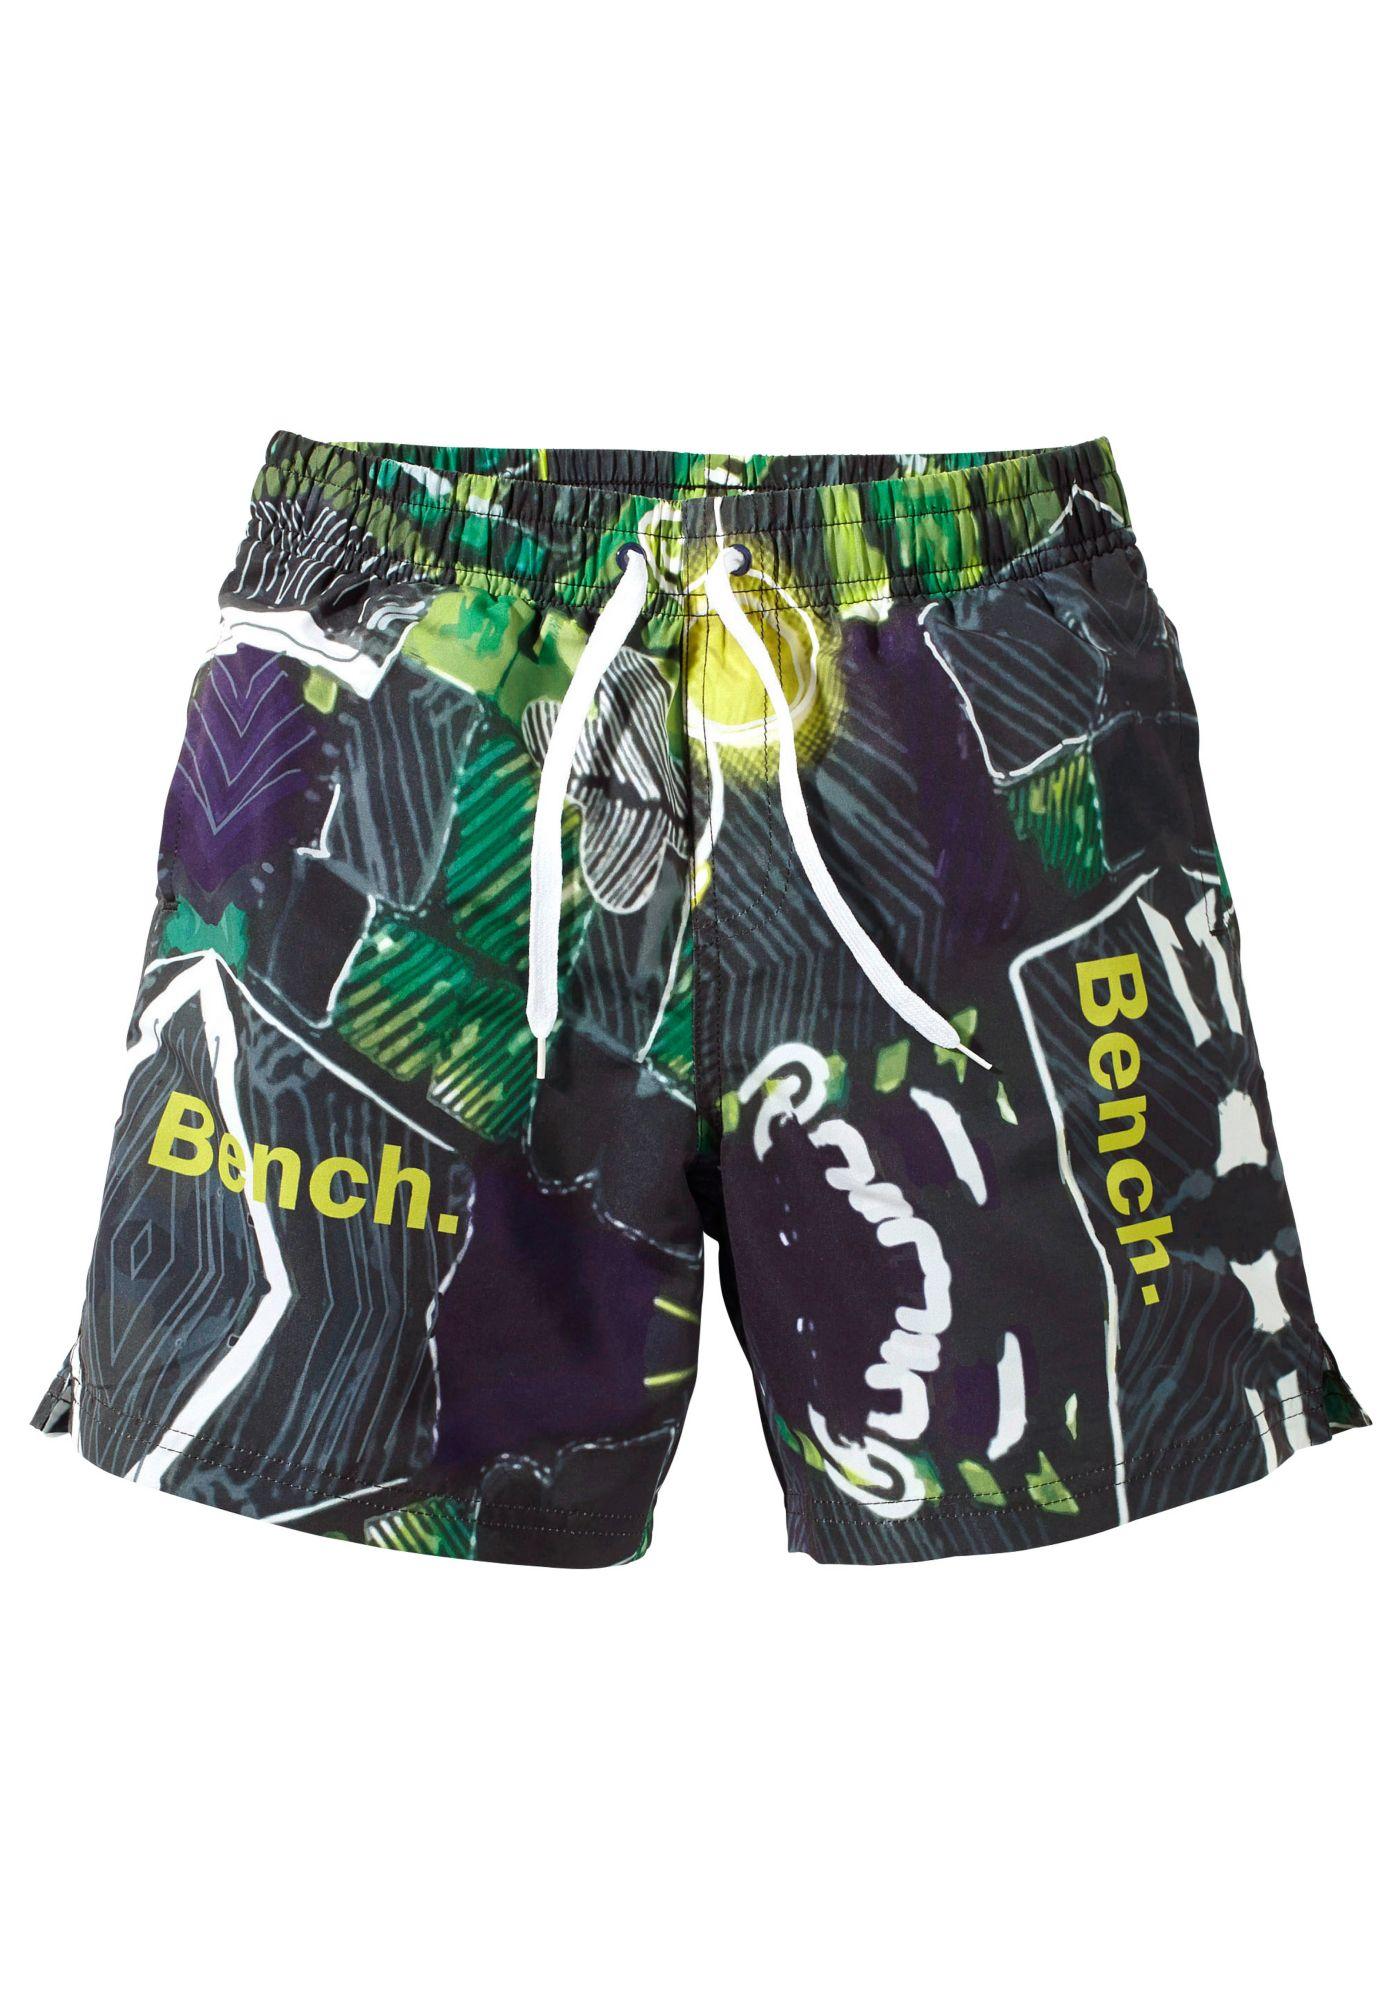 BENCH Badeshorts, Bench